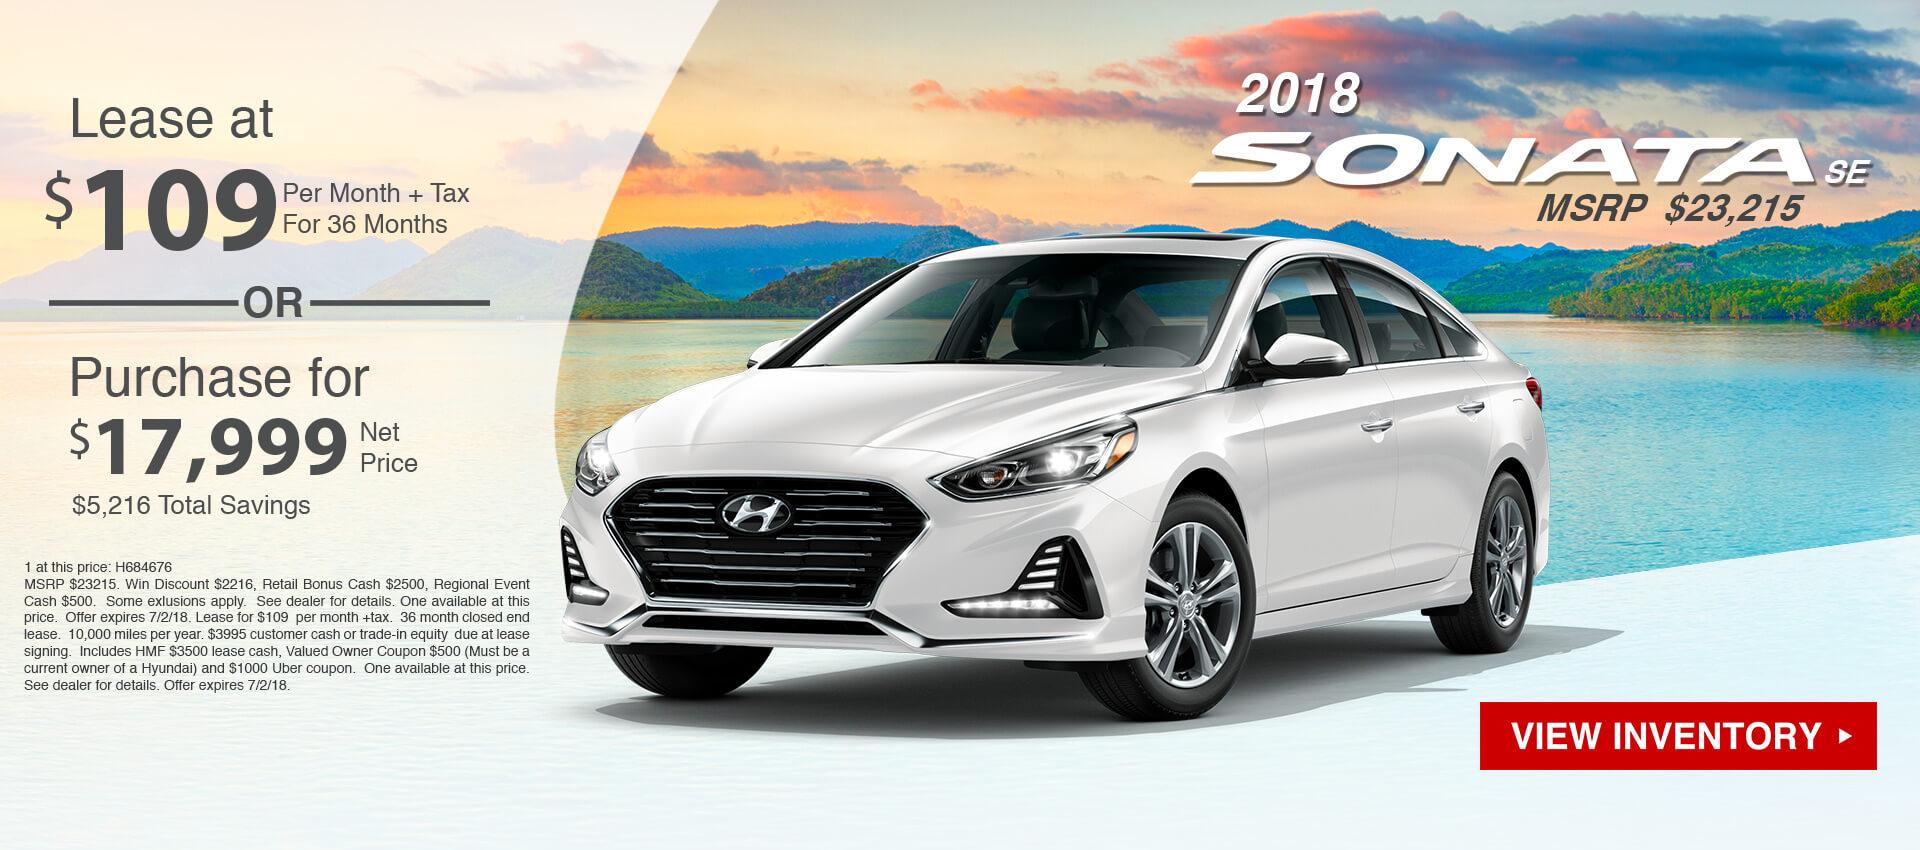 2018 Hyundai Sonata $109